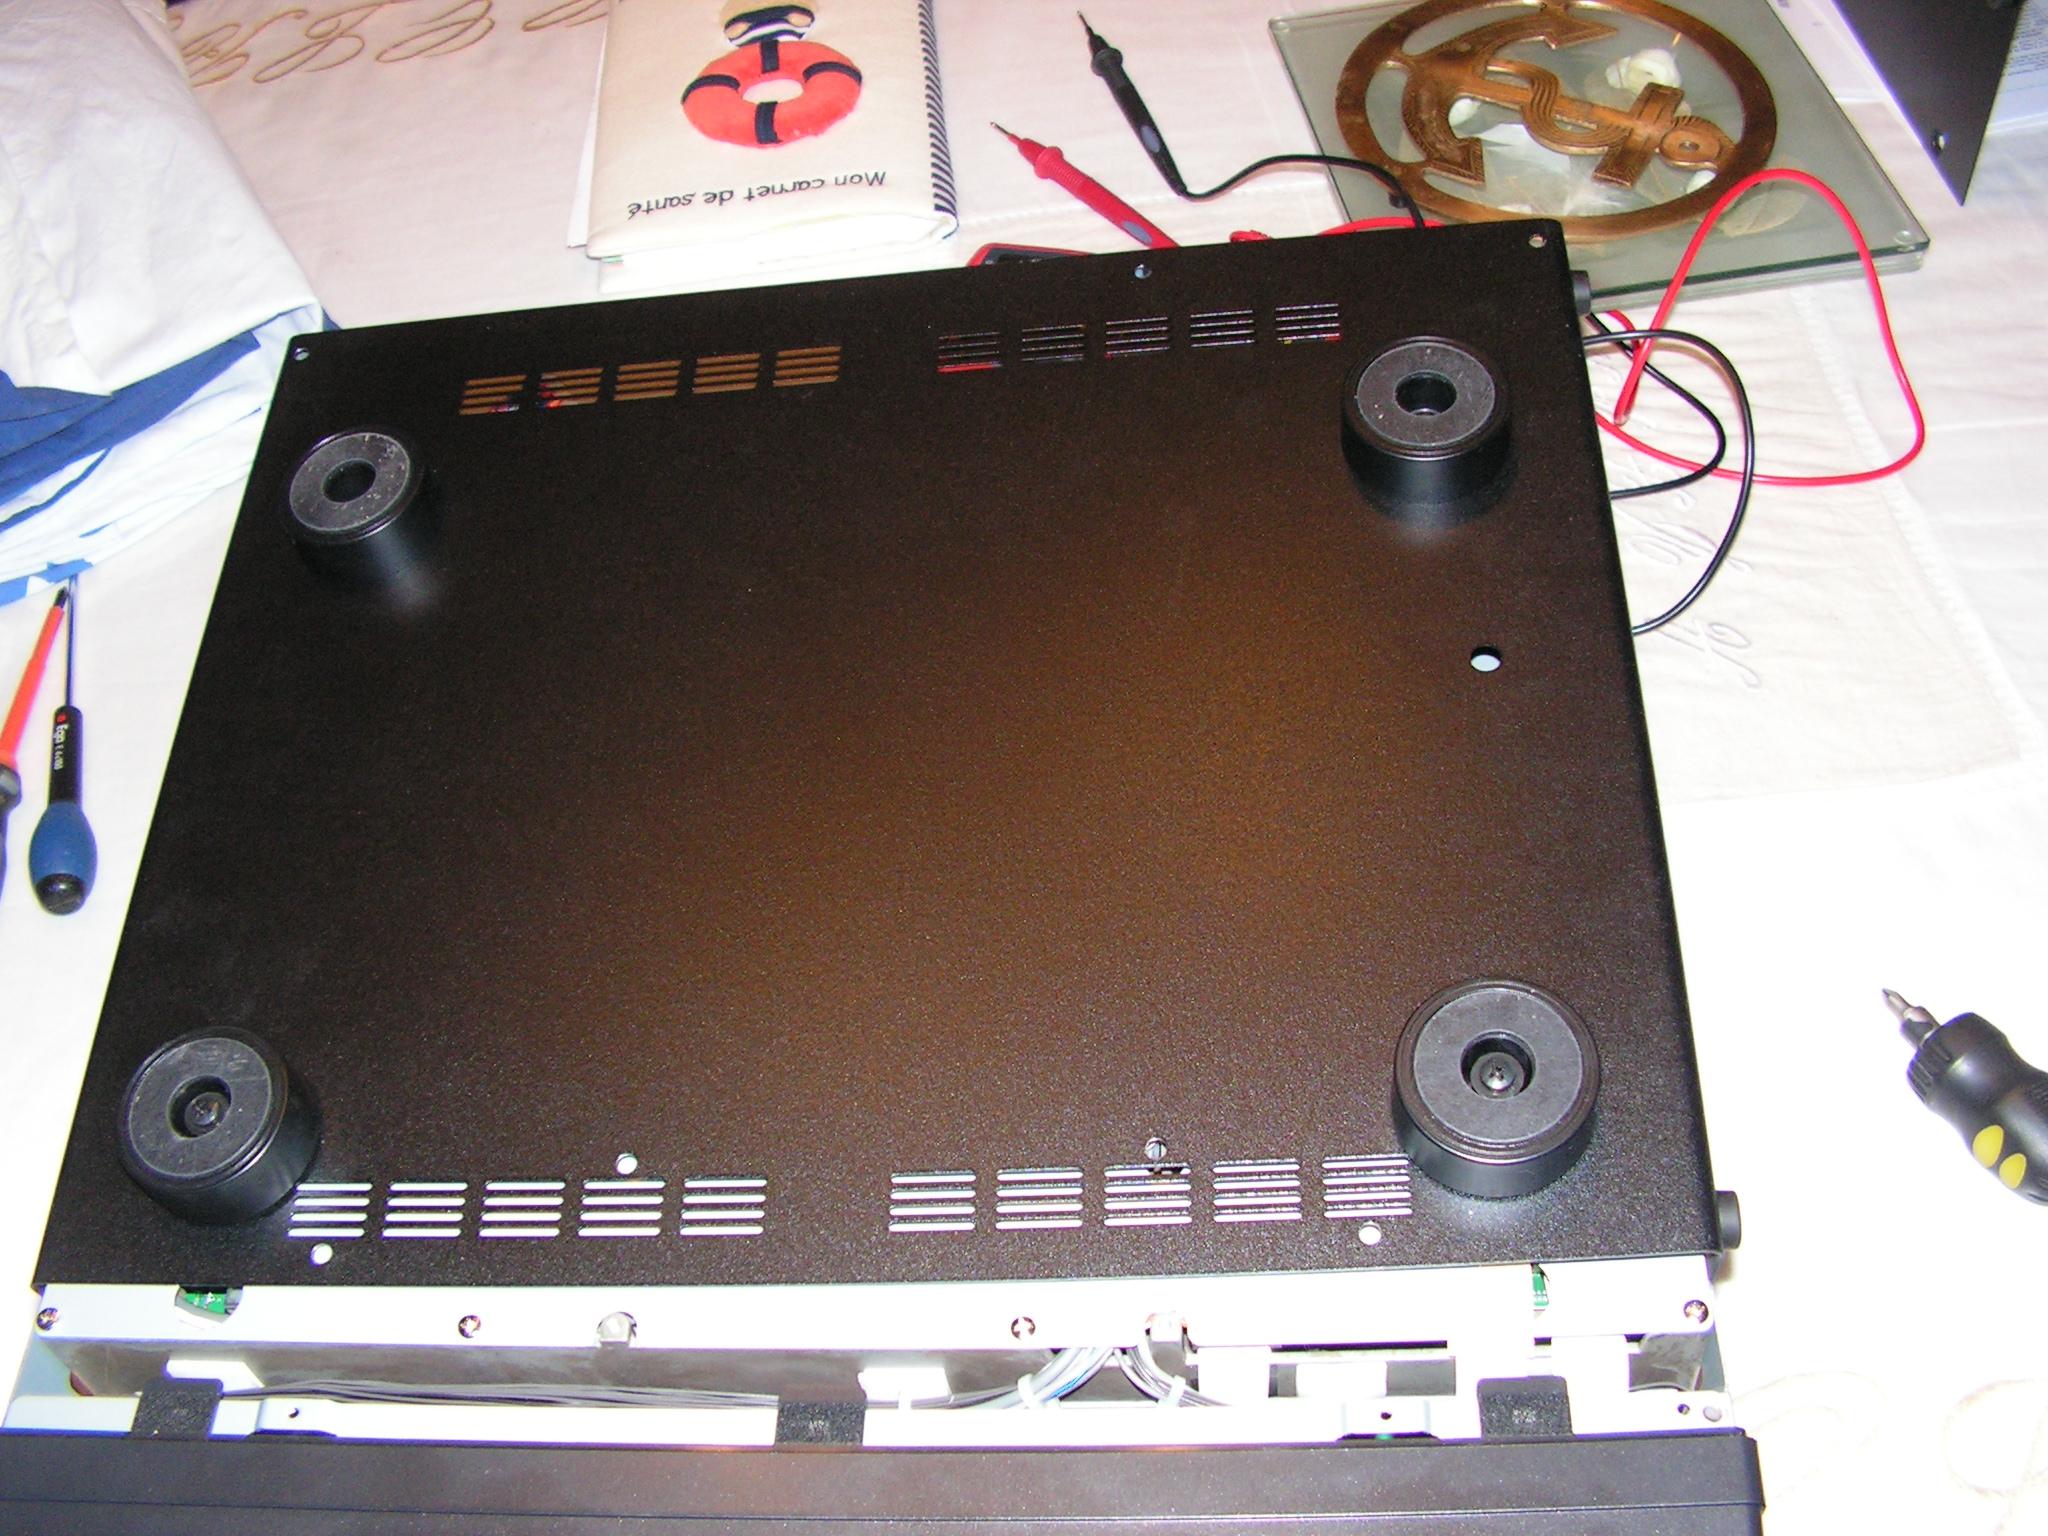 FT2000 : Dongle RTL SDR - Mise en place 010-ft2000-capot-dessous